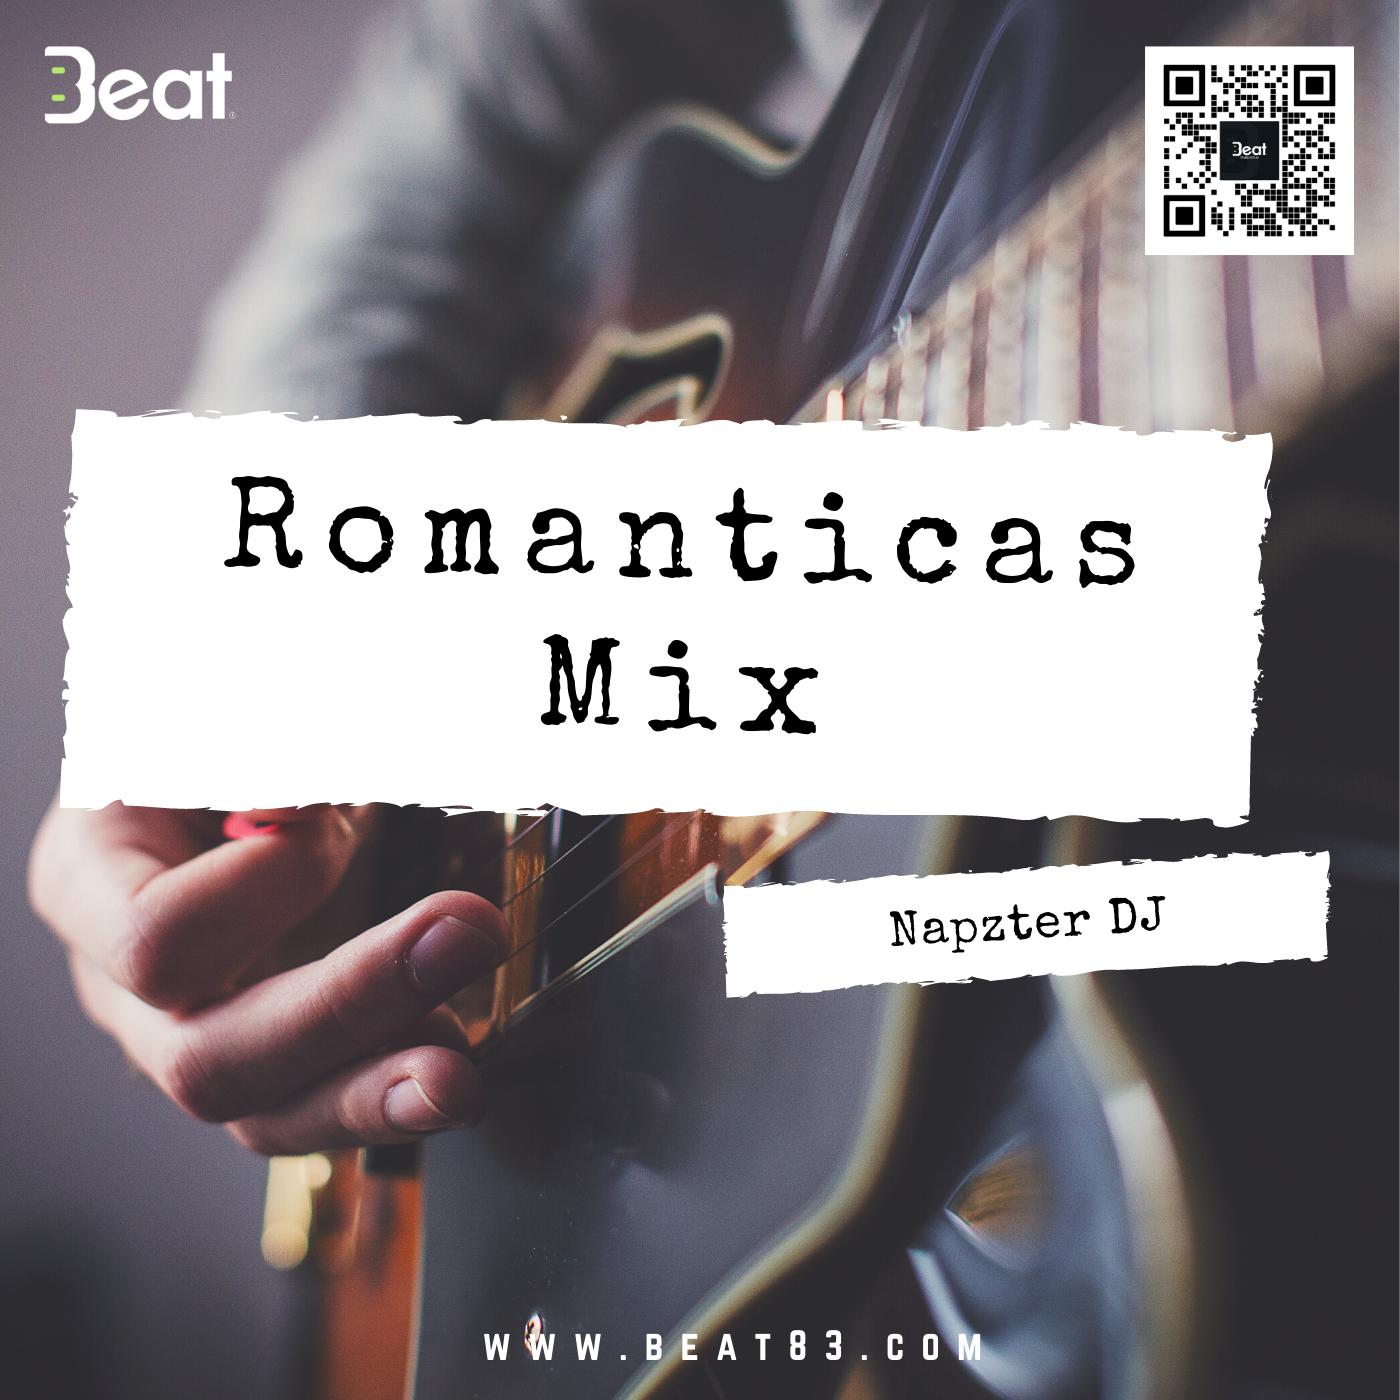 Romanticas Mix Napzter DJ